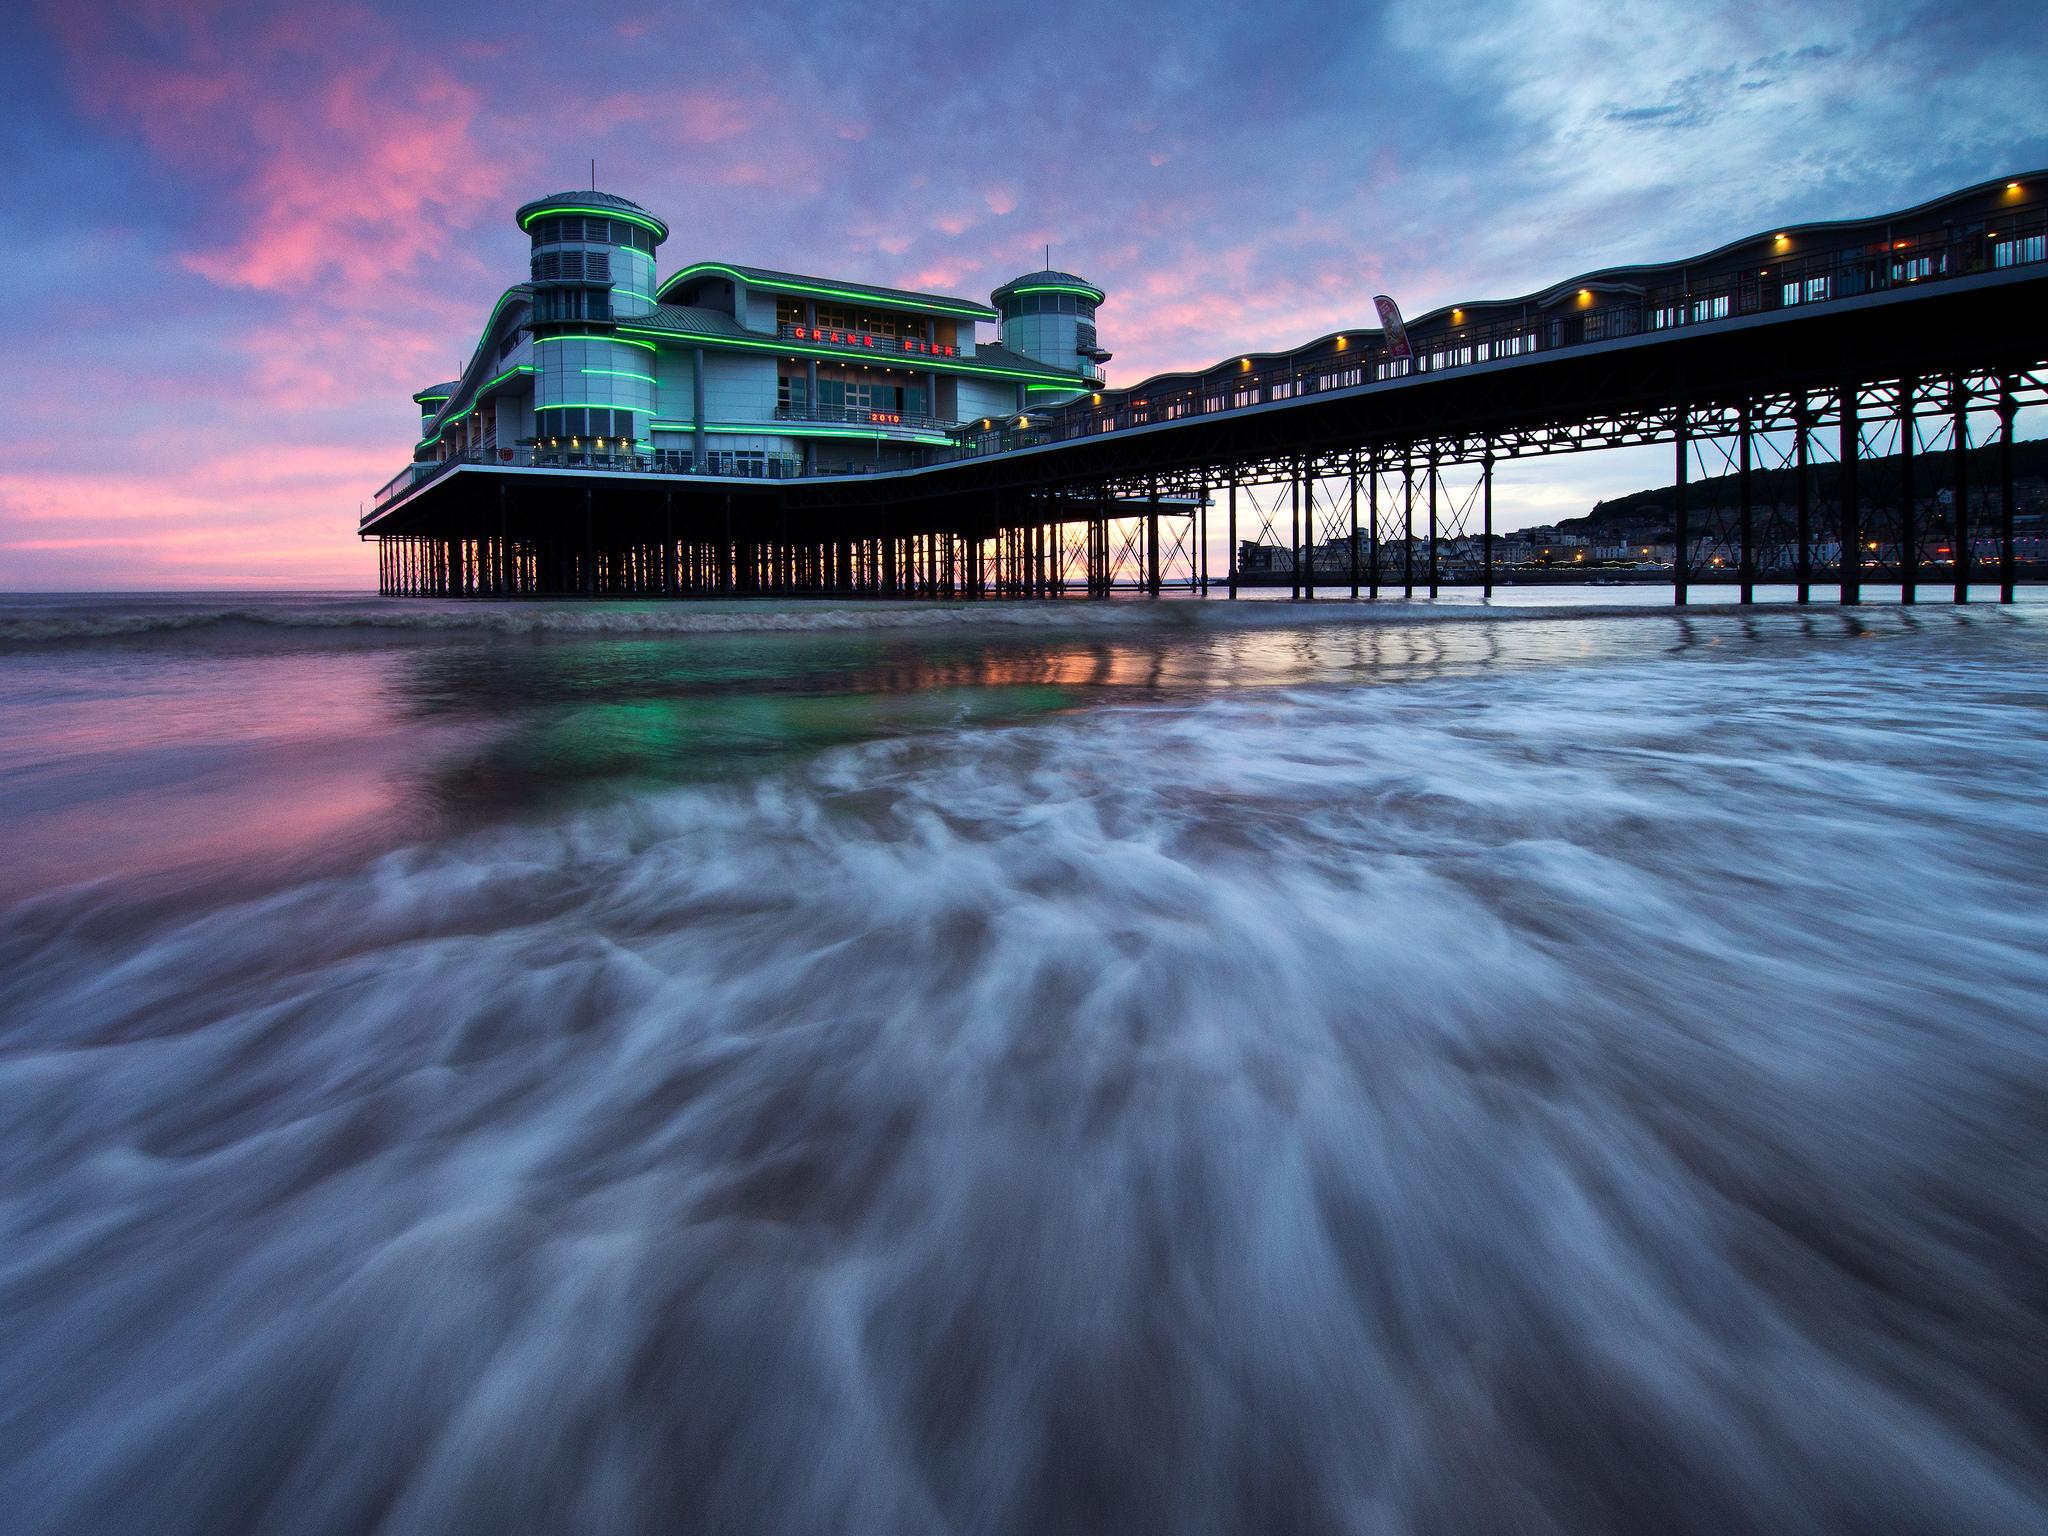 La casa Grand Pier - 2048x1536